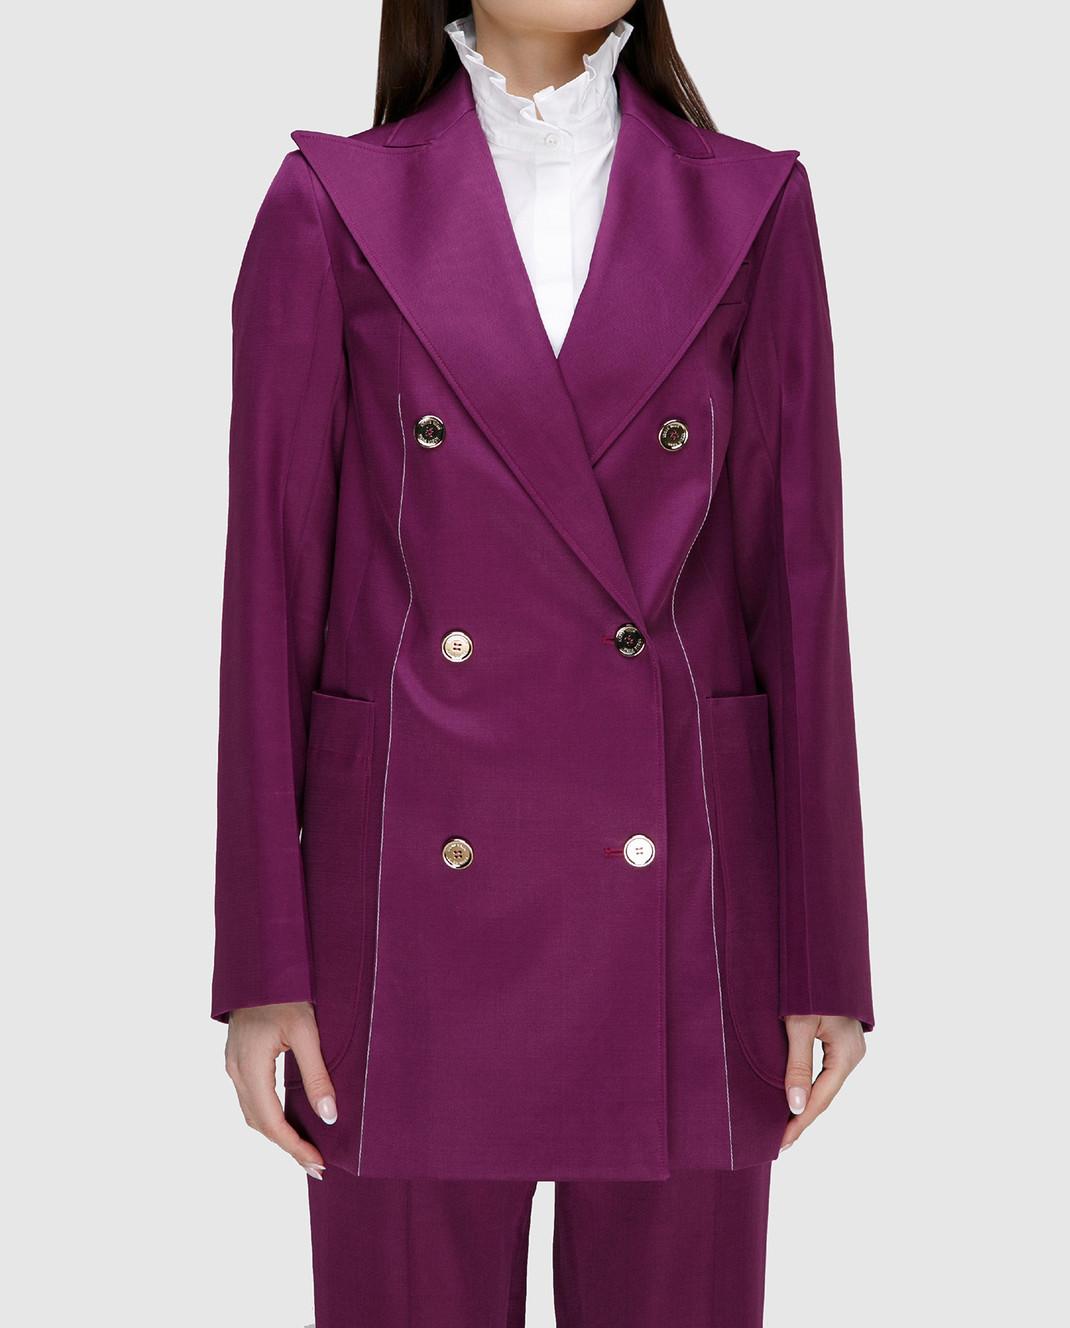 NINA RICCI Фиолетовый жакет из шерсти и шелка 17ECVE017WV0212 изображение 3